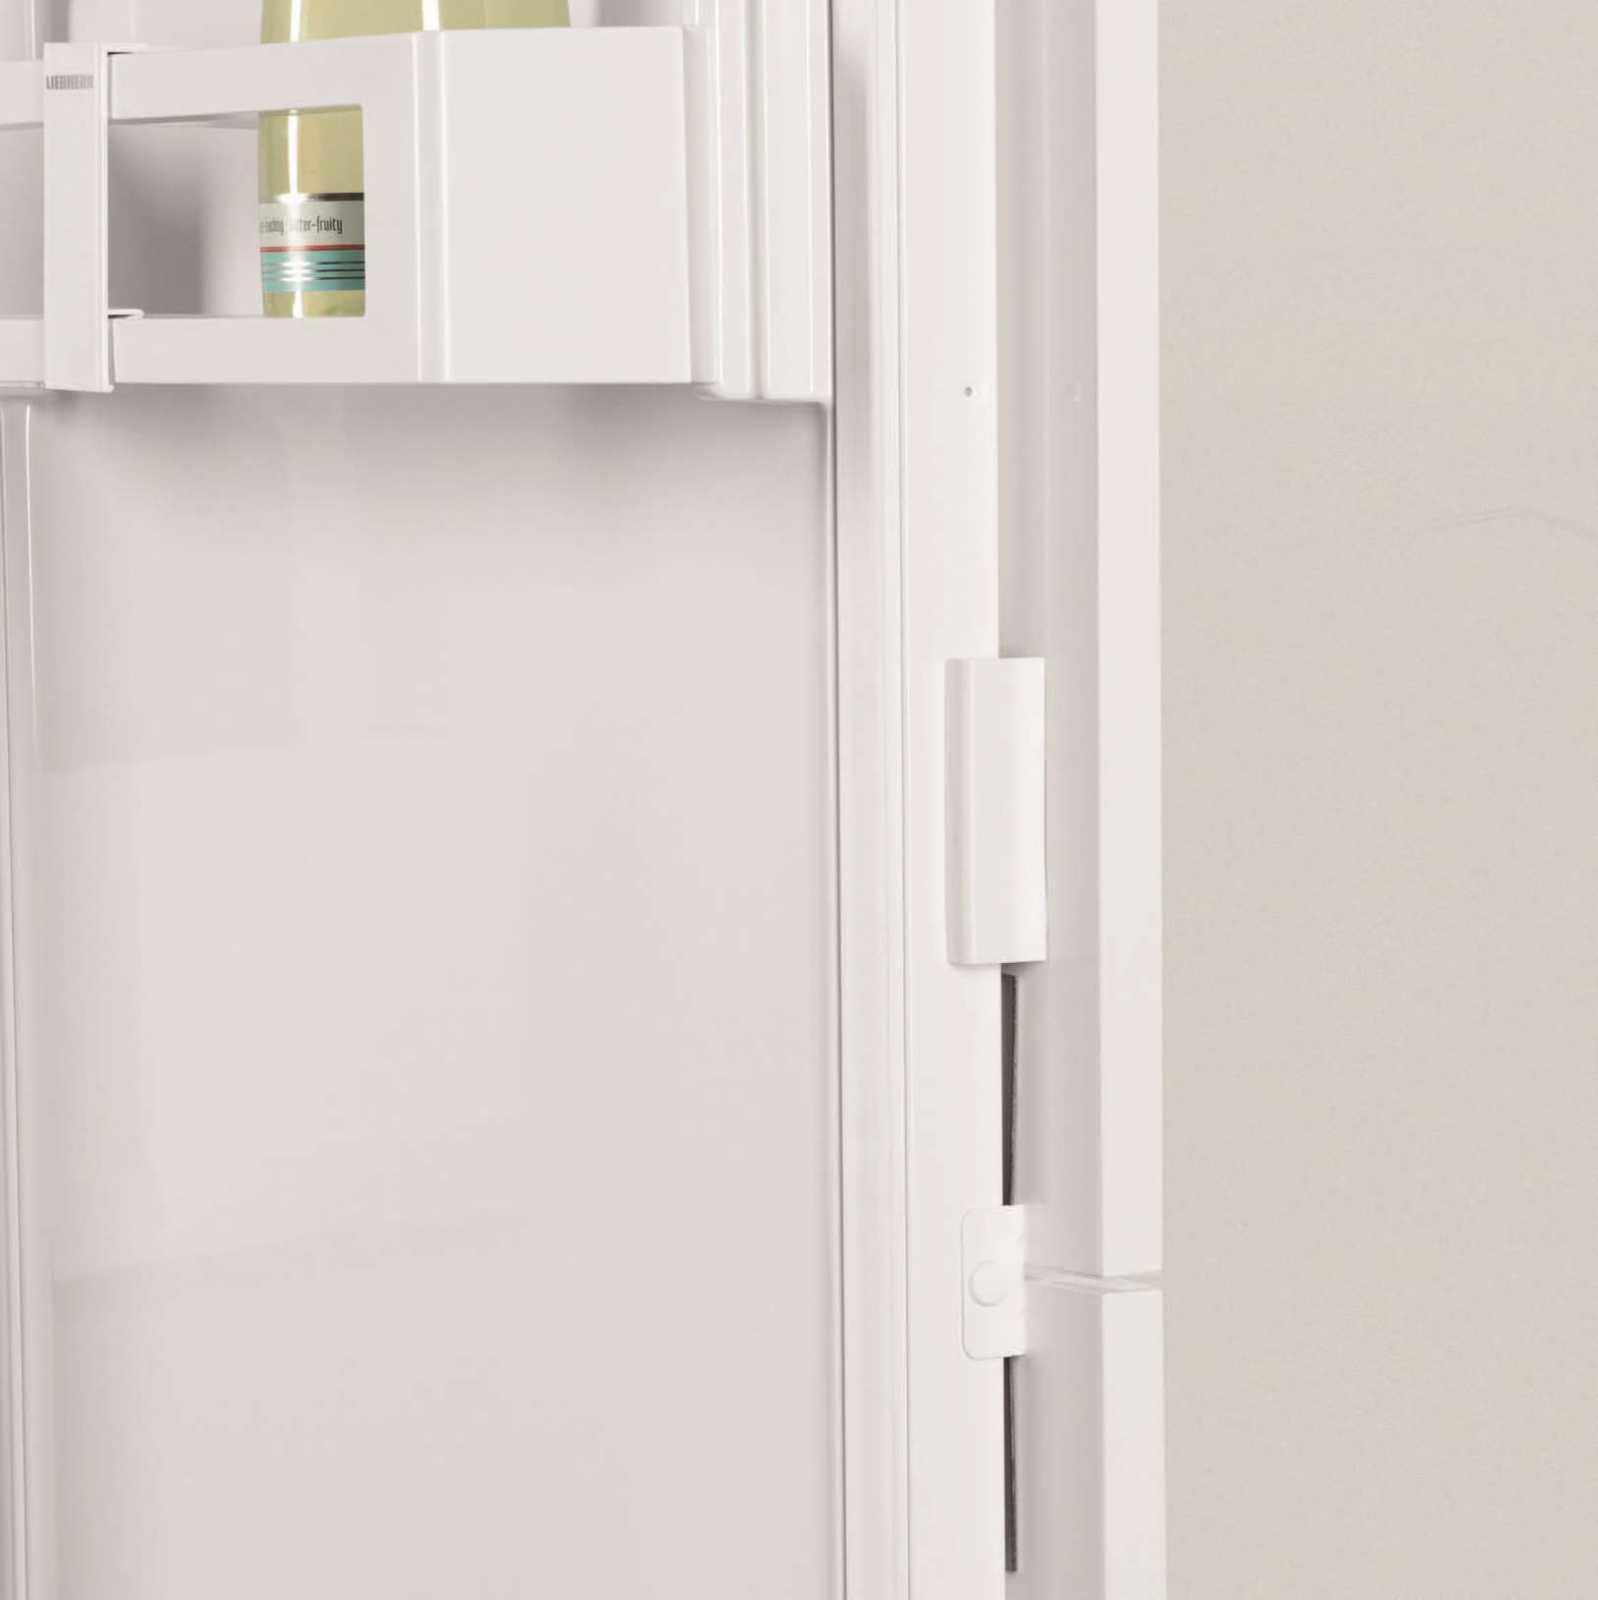 купить Комплект для соединения мебельных фасадов Украина фото 2